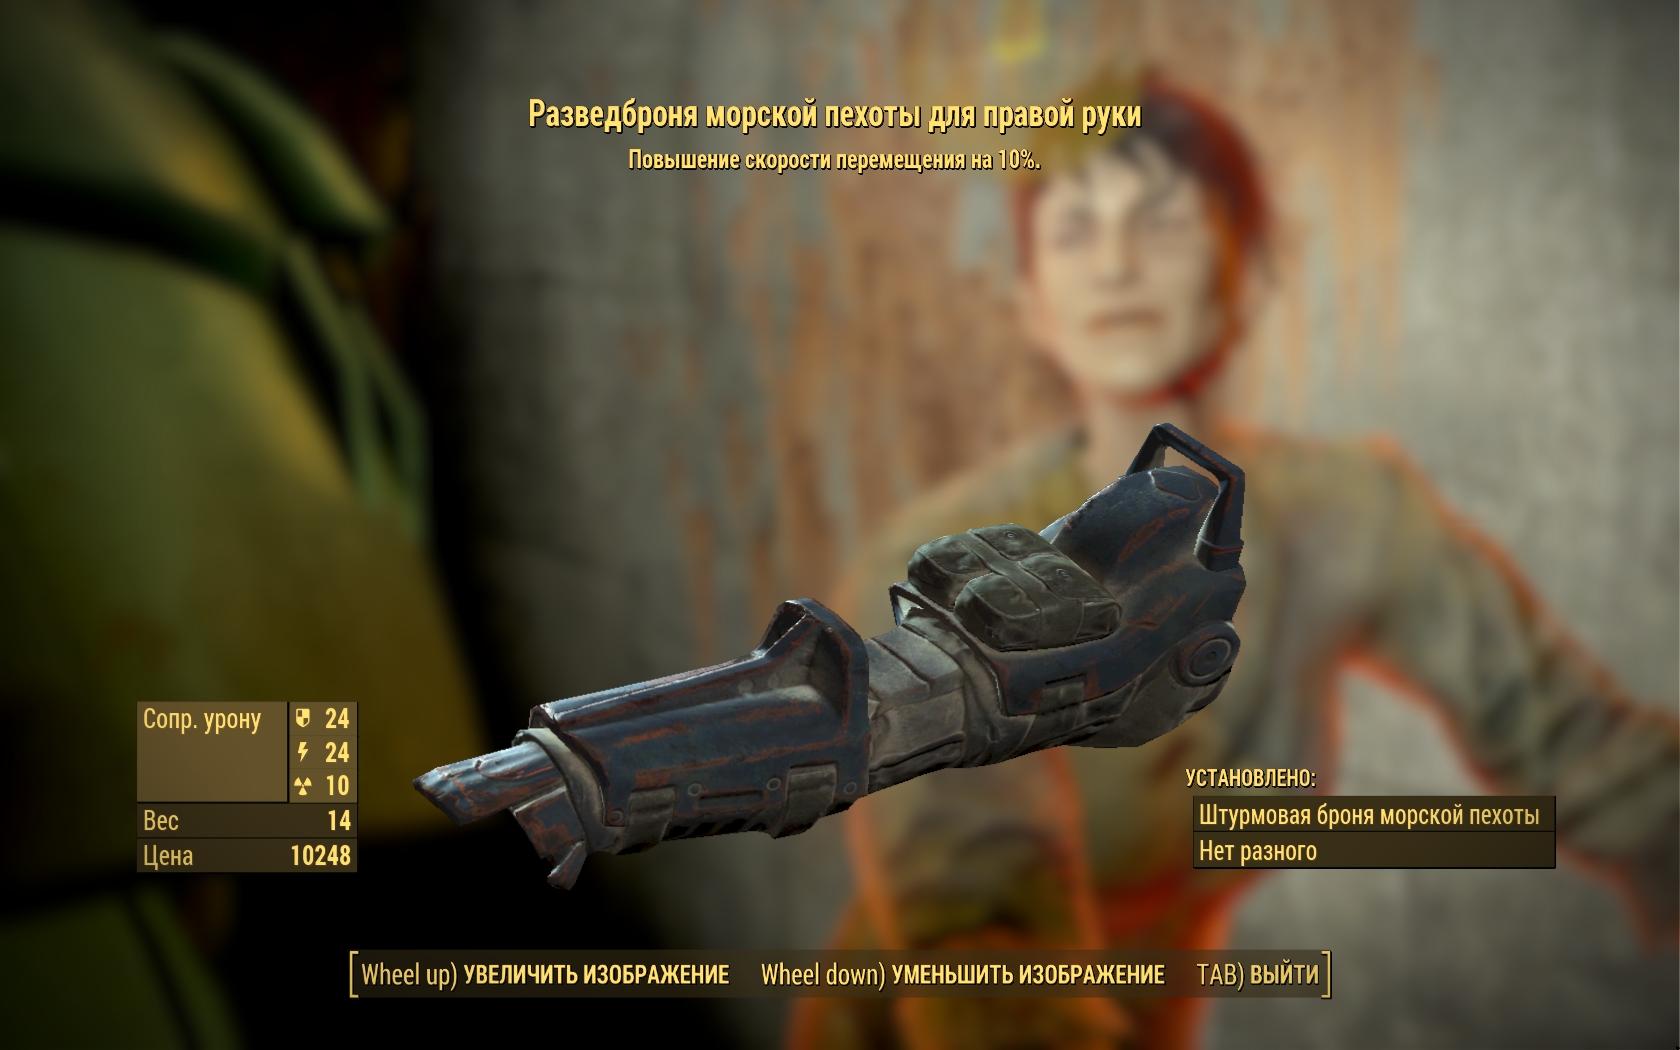 Разведброня морской пехоты для правой руки (Фар-Харбор) - Fallout 4 морская, морская пехота, Одежда, пехота, Разведброня